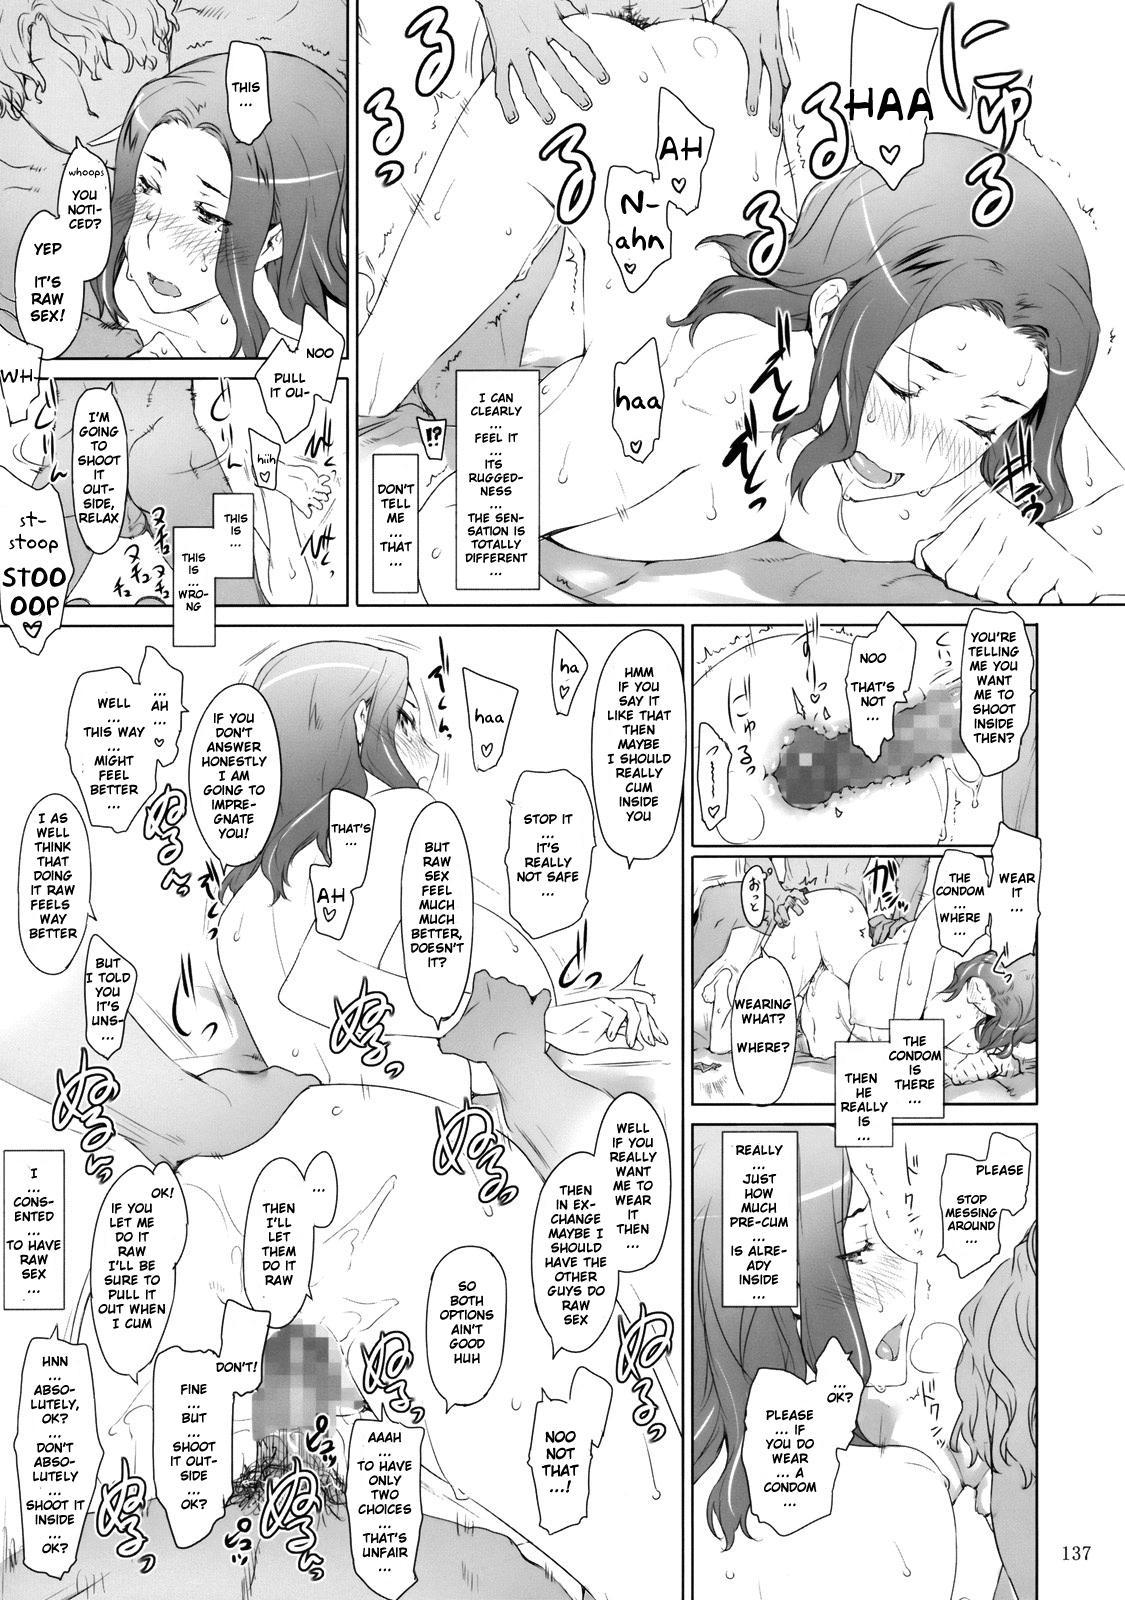 (C81) [MTSP (Jin)] Tachibana-san-chi no Dansei Jijou | Tachibana-san's Circumstances With a Man [English] {doujin-moe.us} 135